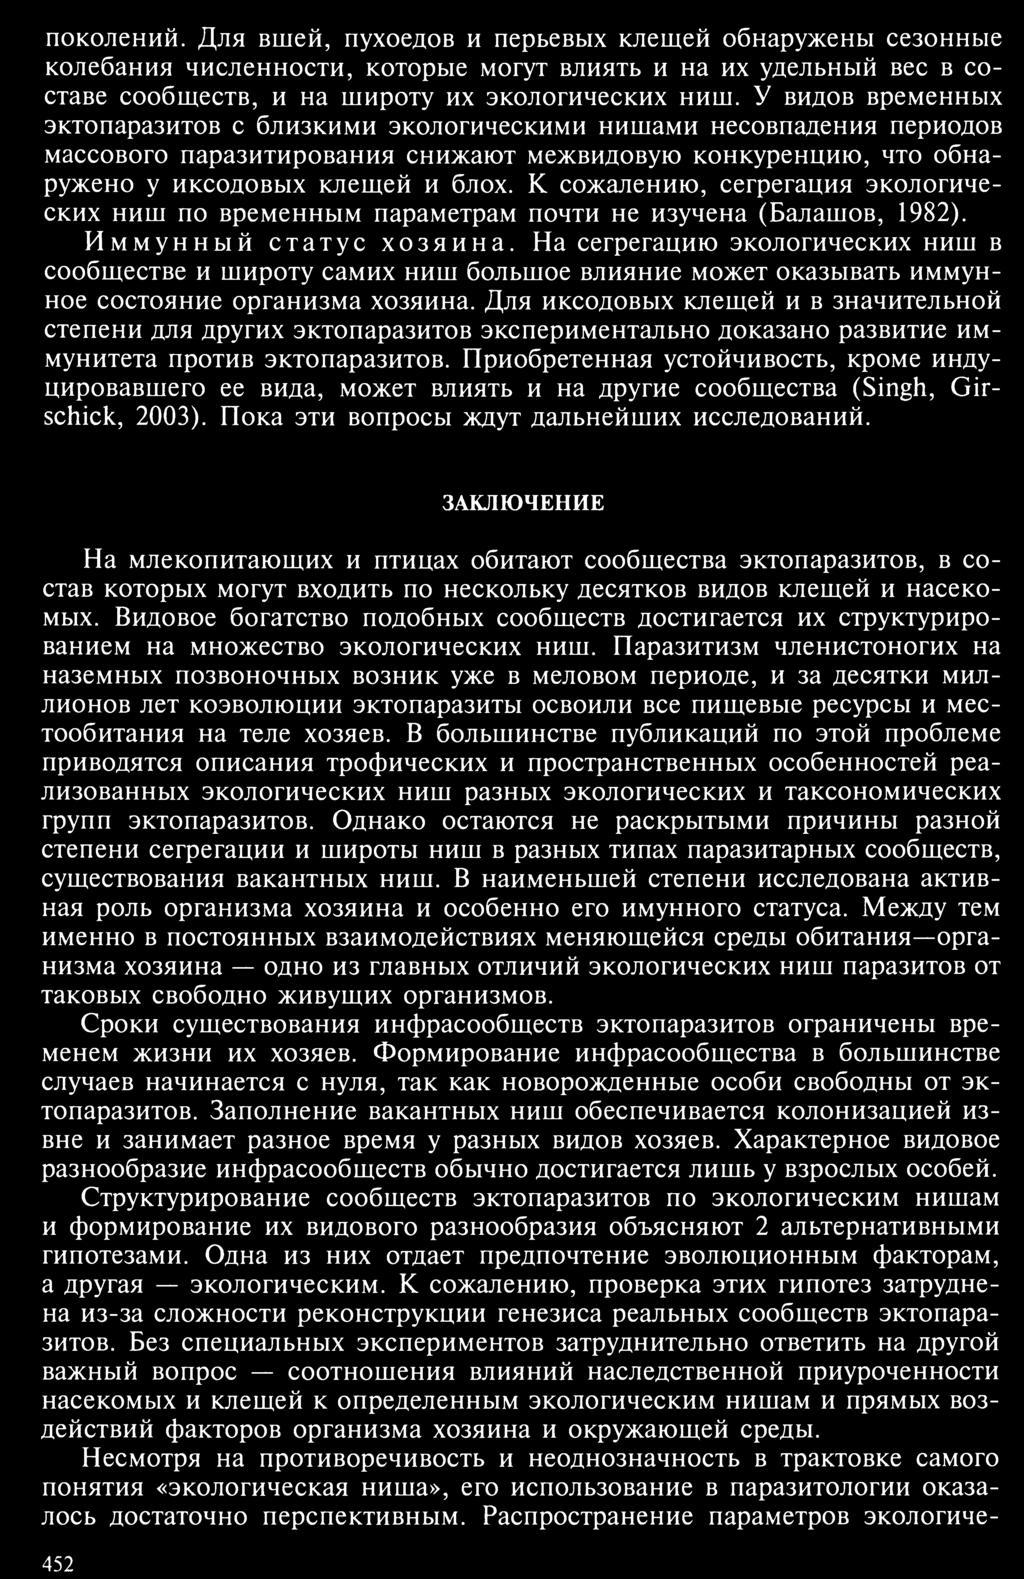 Какова она - экологическая ниша человека? :: syl.ru